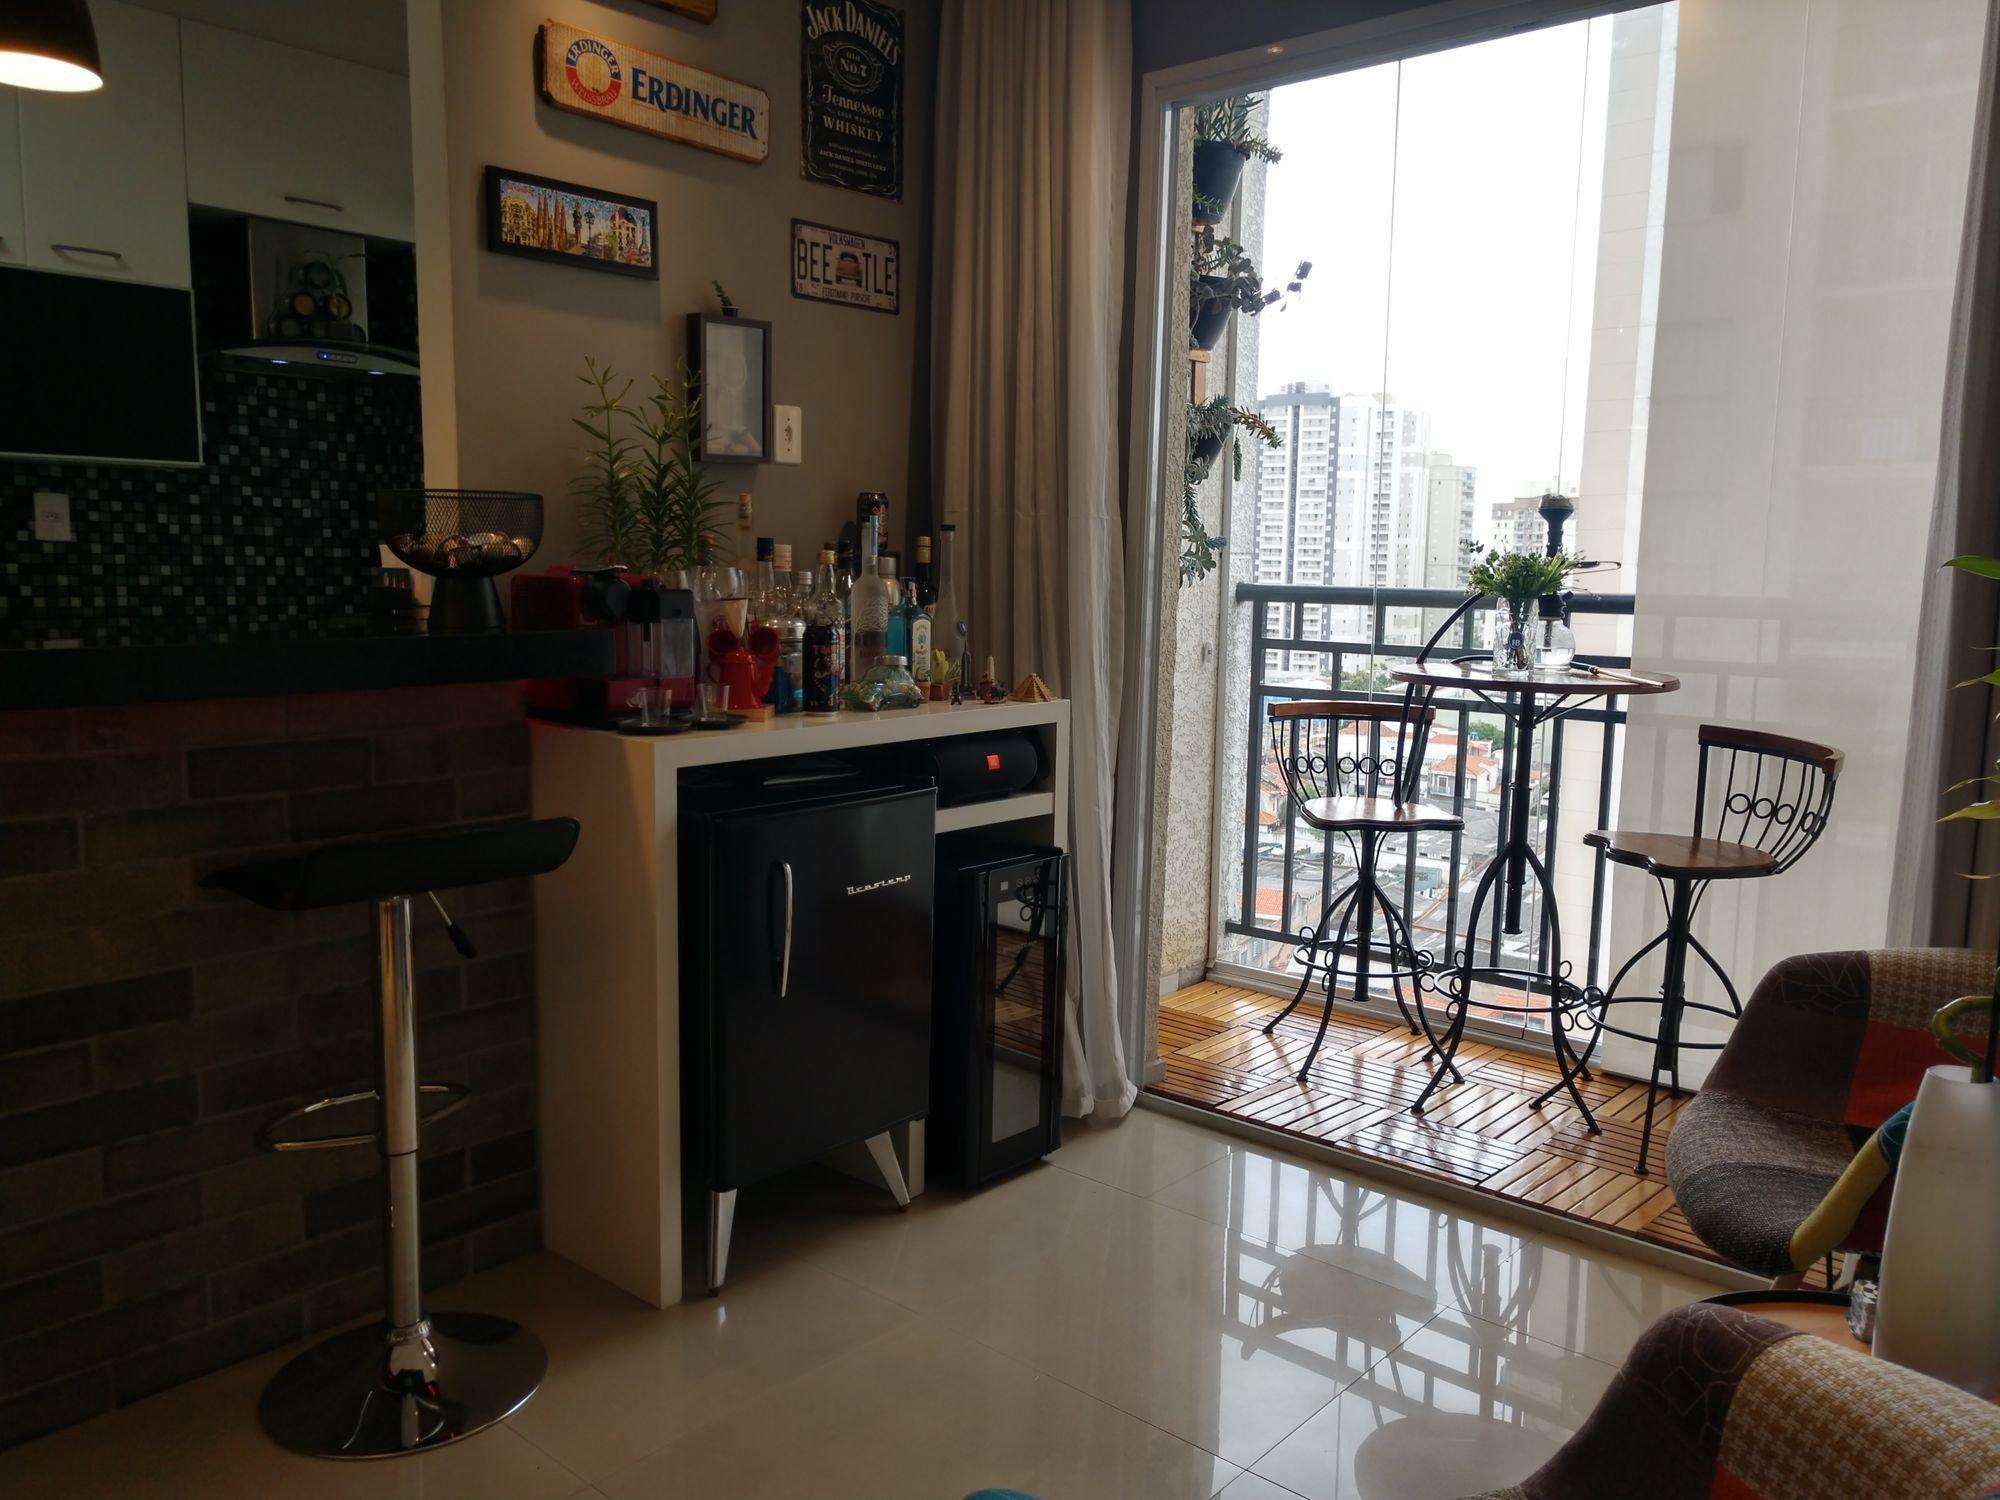 Foto de Sala com televisão, vaso, garrafa, cadeira